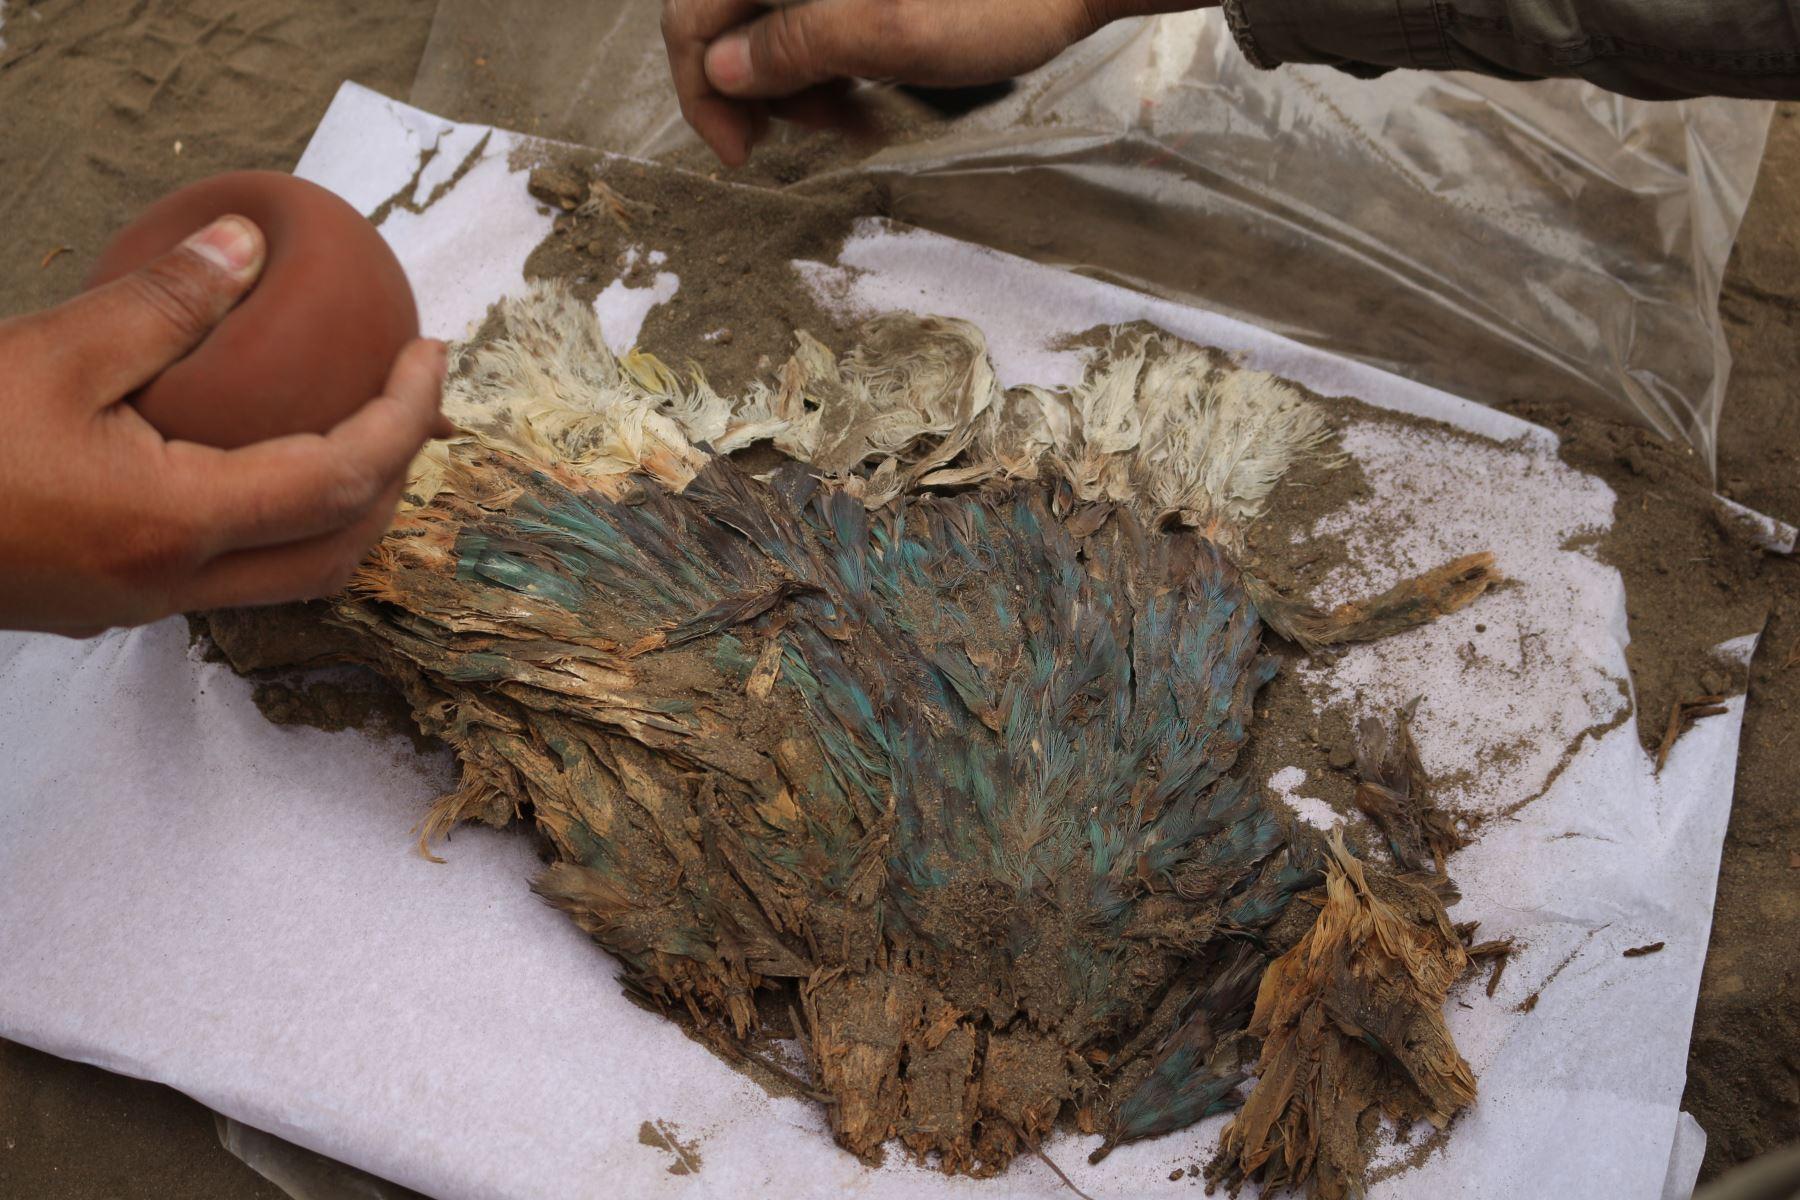 В Перу нашли останки богатого человека из доколумбовой культуры Чиму